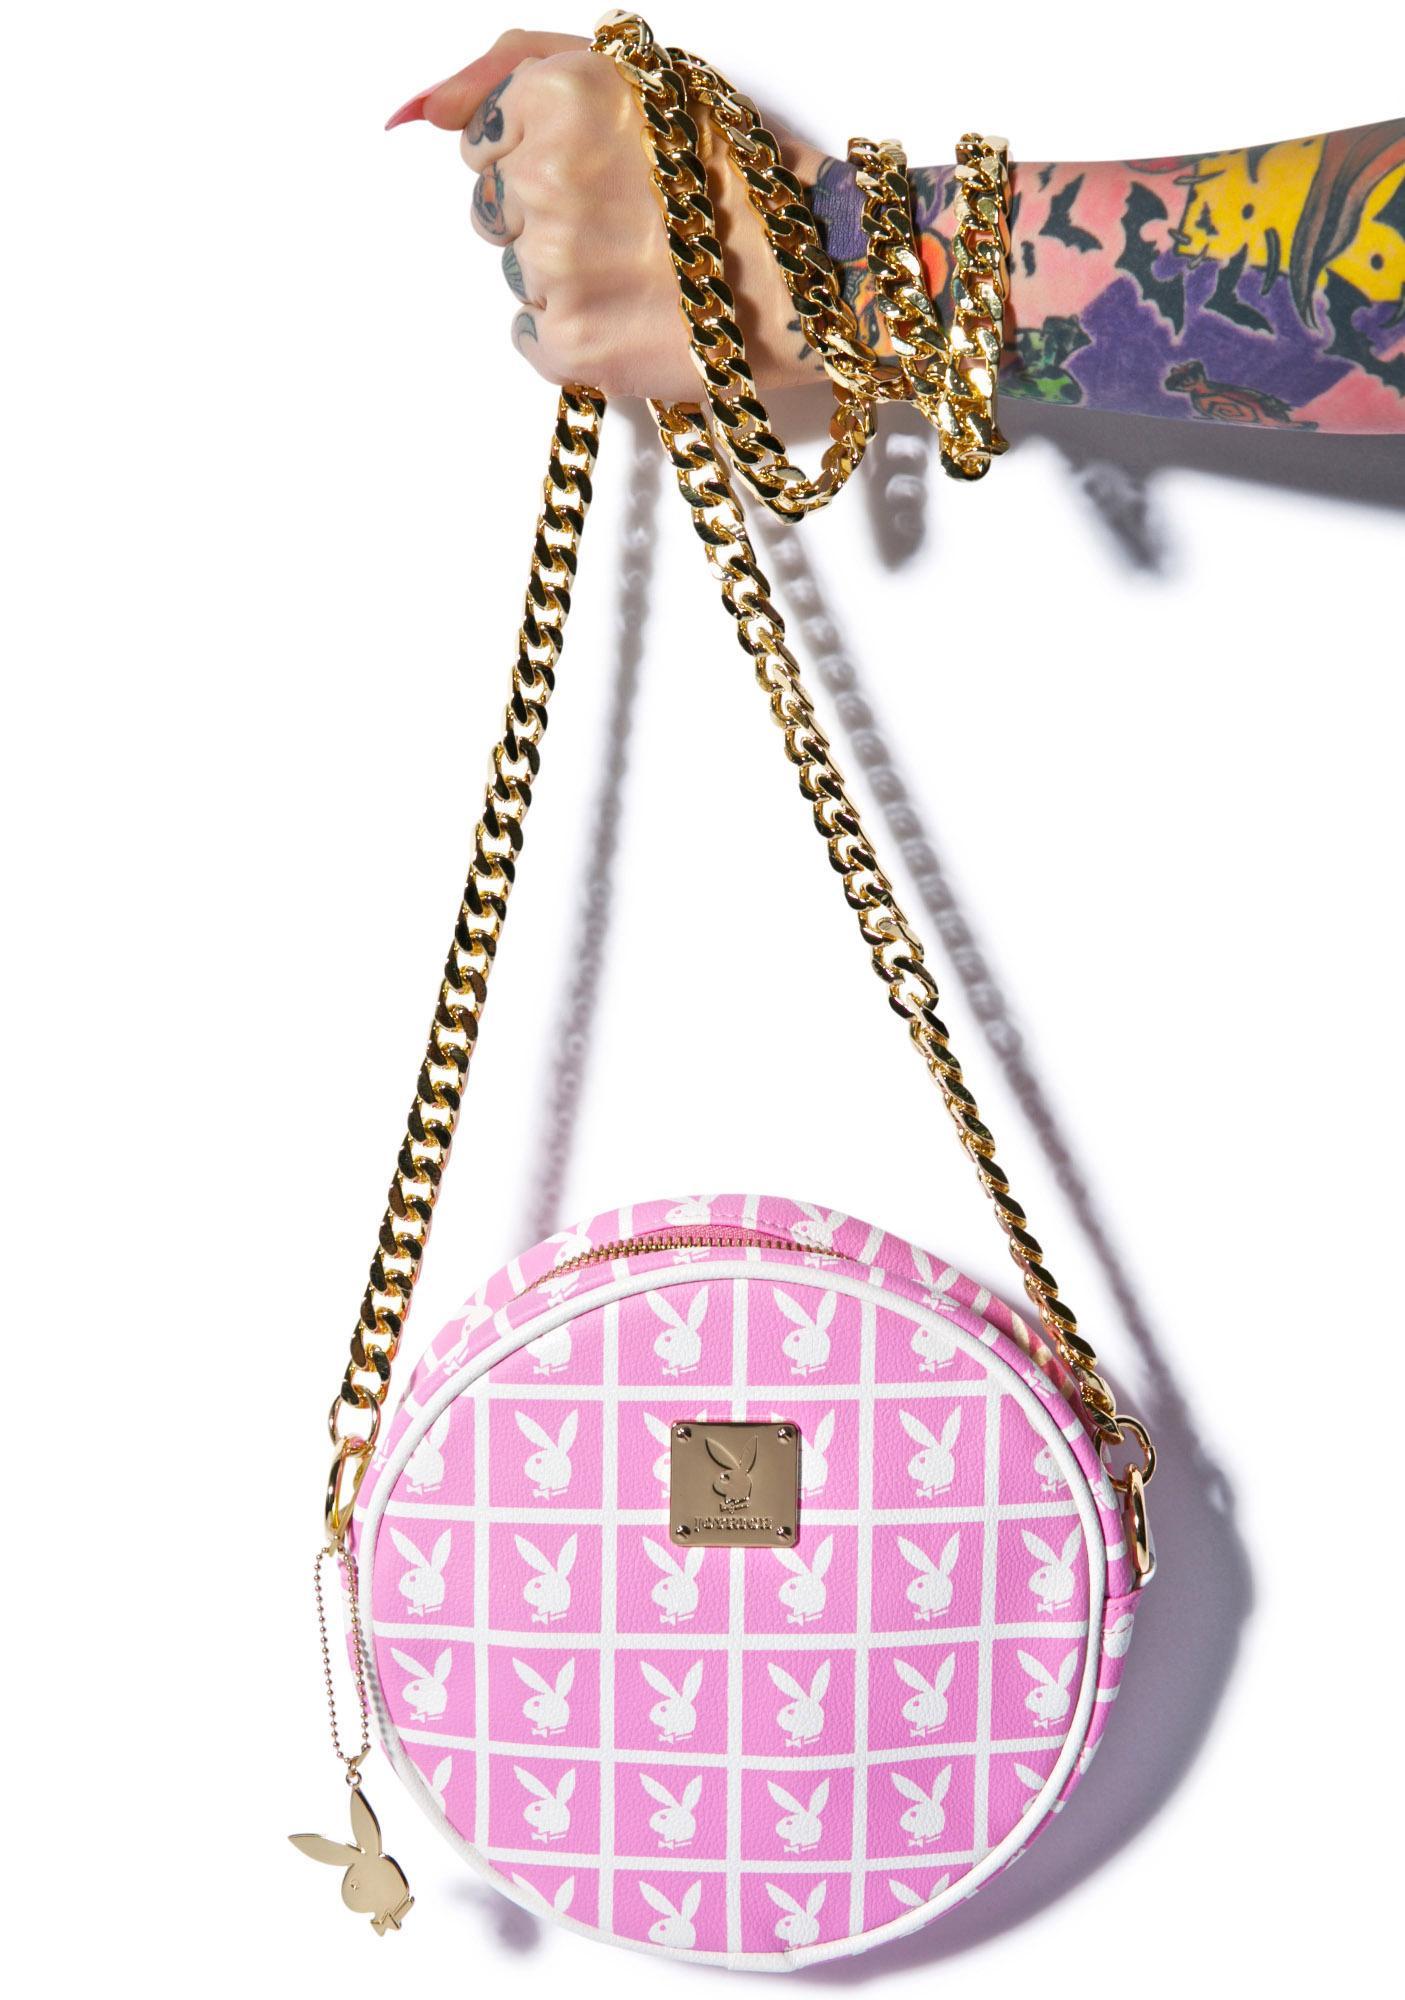 Joyrich X Playboy Panel Pochette Crossbody Bag